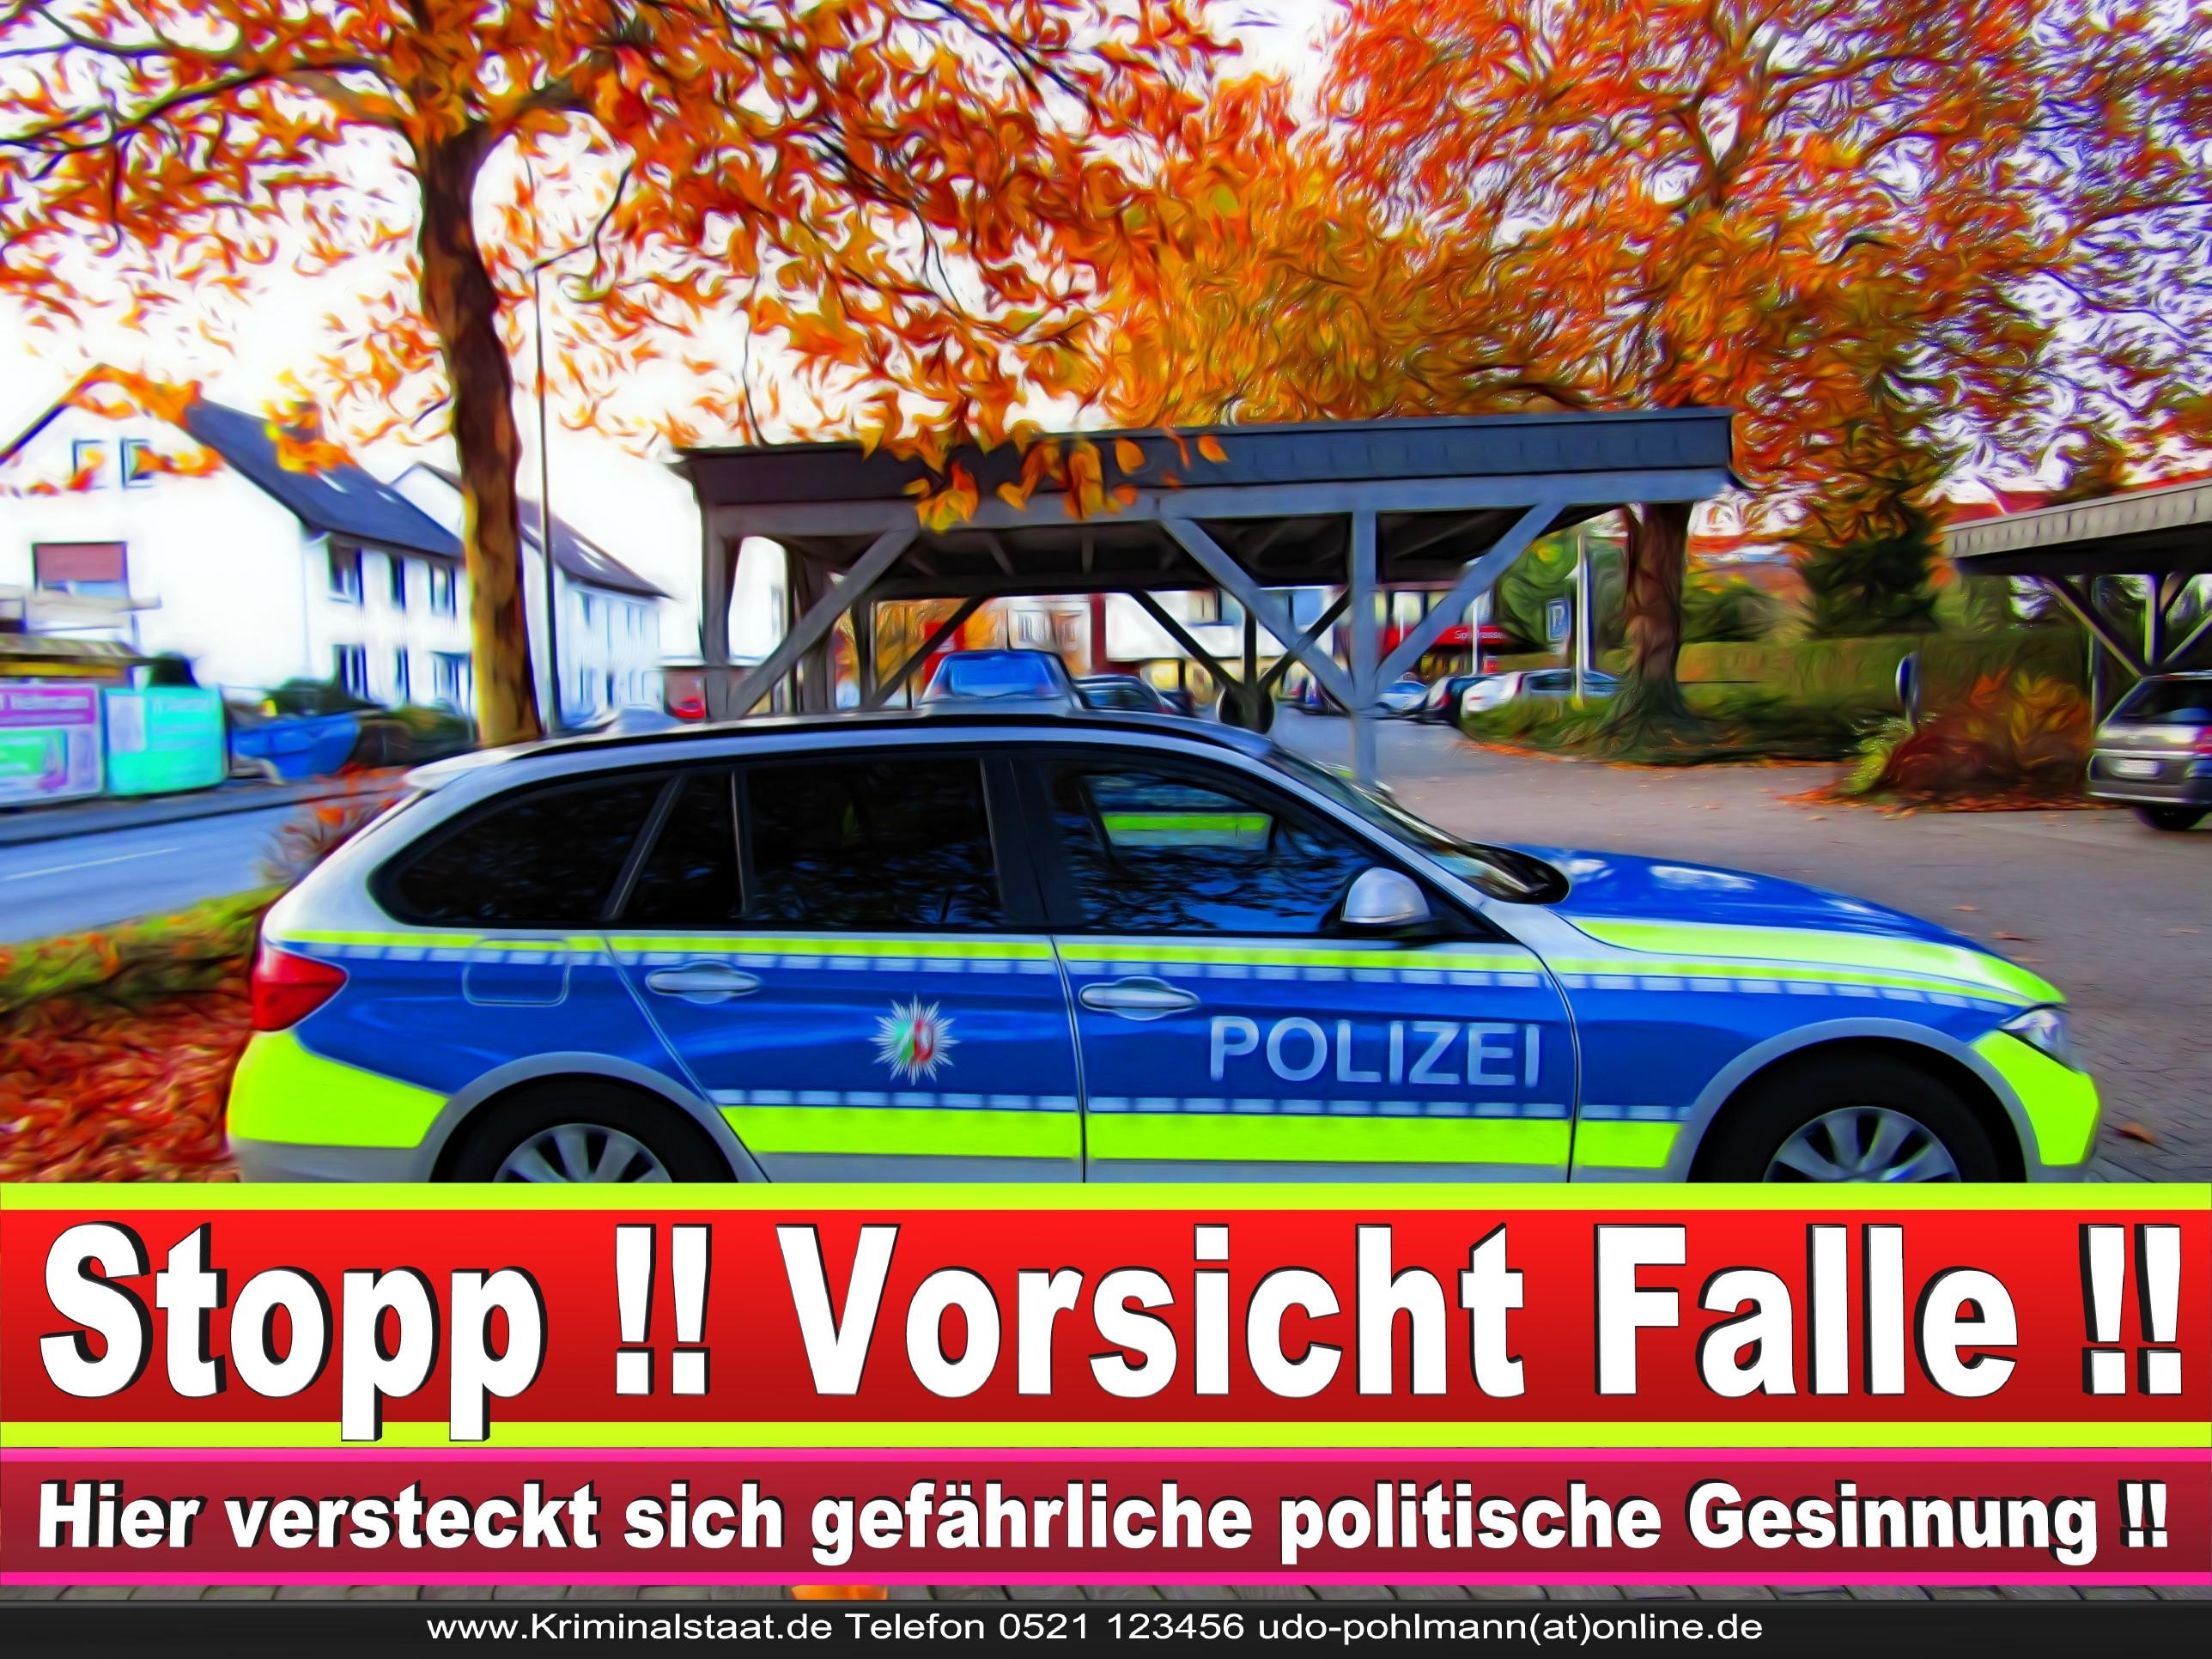 CDU Steinhagen Halle Harsewinkel Gütersloh Bielefeld Polizeirevier Polizisten Verurteilt Drogen Urteil Strafe Korruption Verbrechen Mafia Organisierte Kriminalität (3)